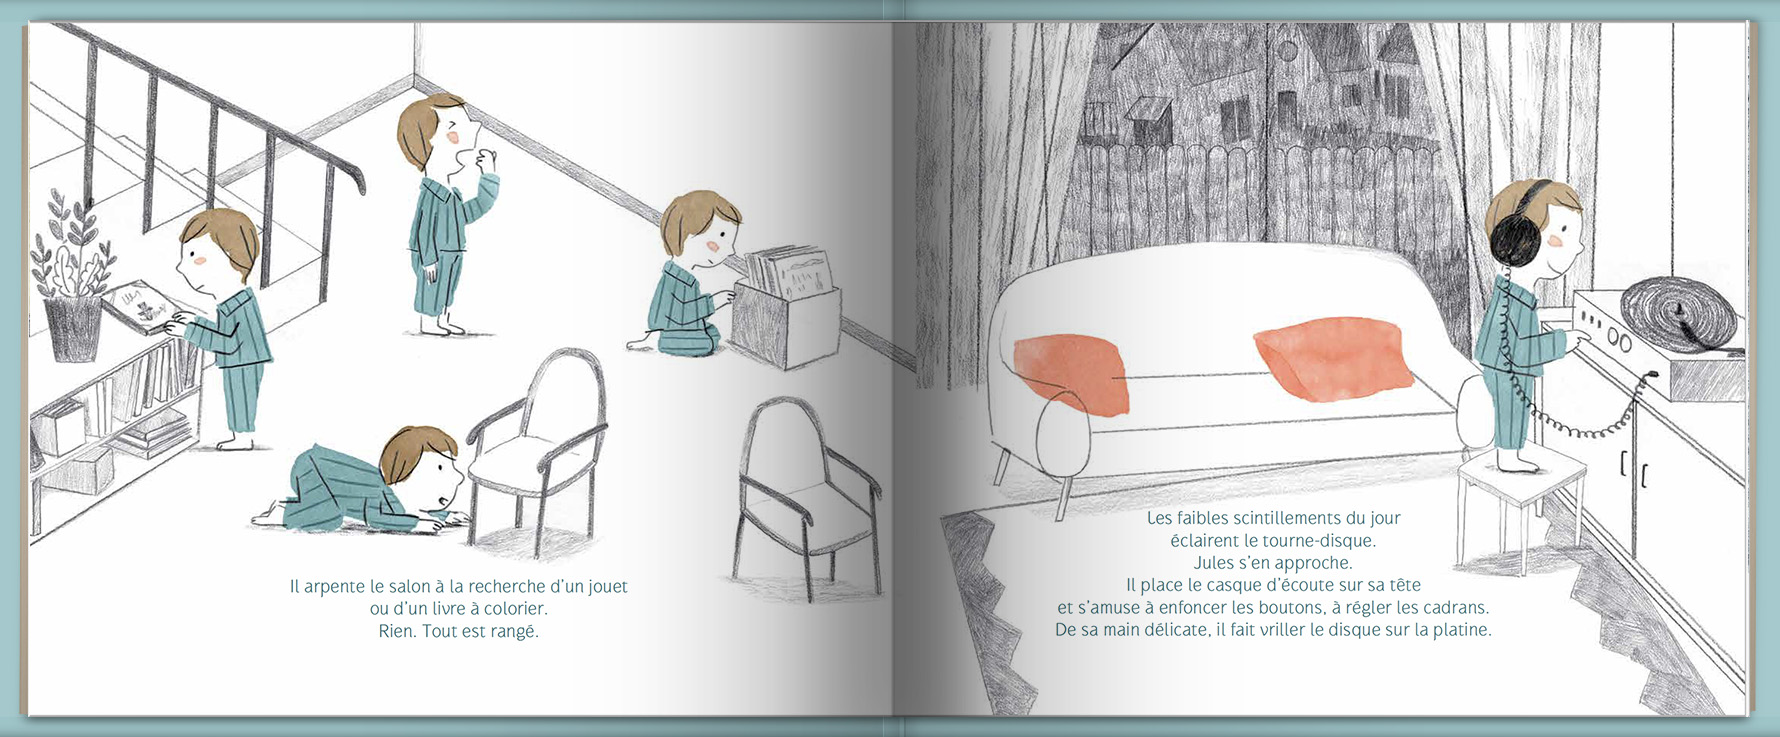 Page intérieure du livre Nocture